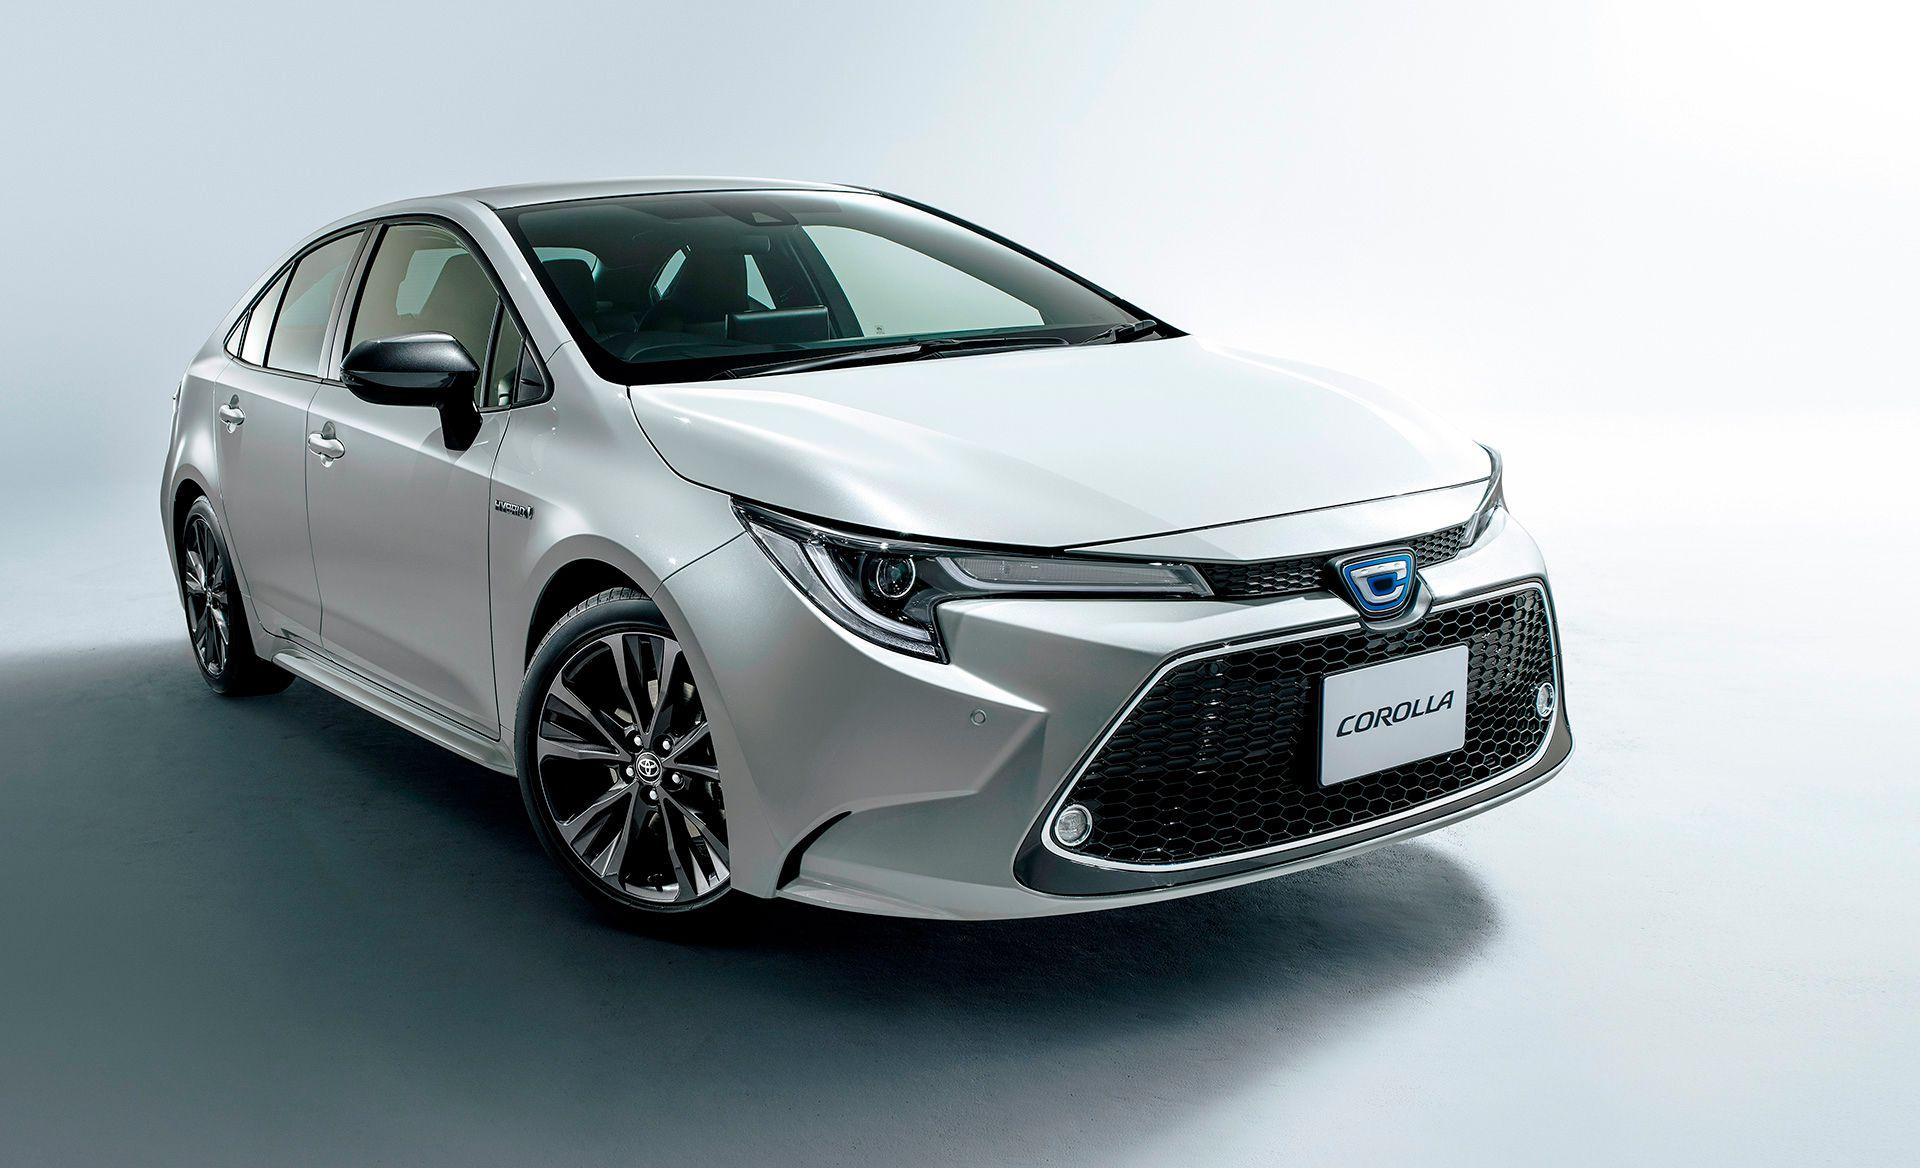 El híbrido combina un motor naftero 1.8 litros de 98 CV con uno eléctrico, con los que llega a 122 CV totales